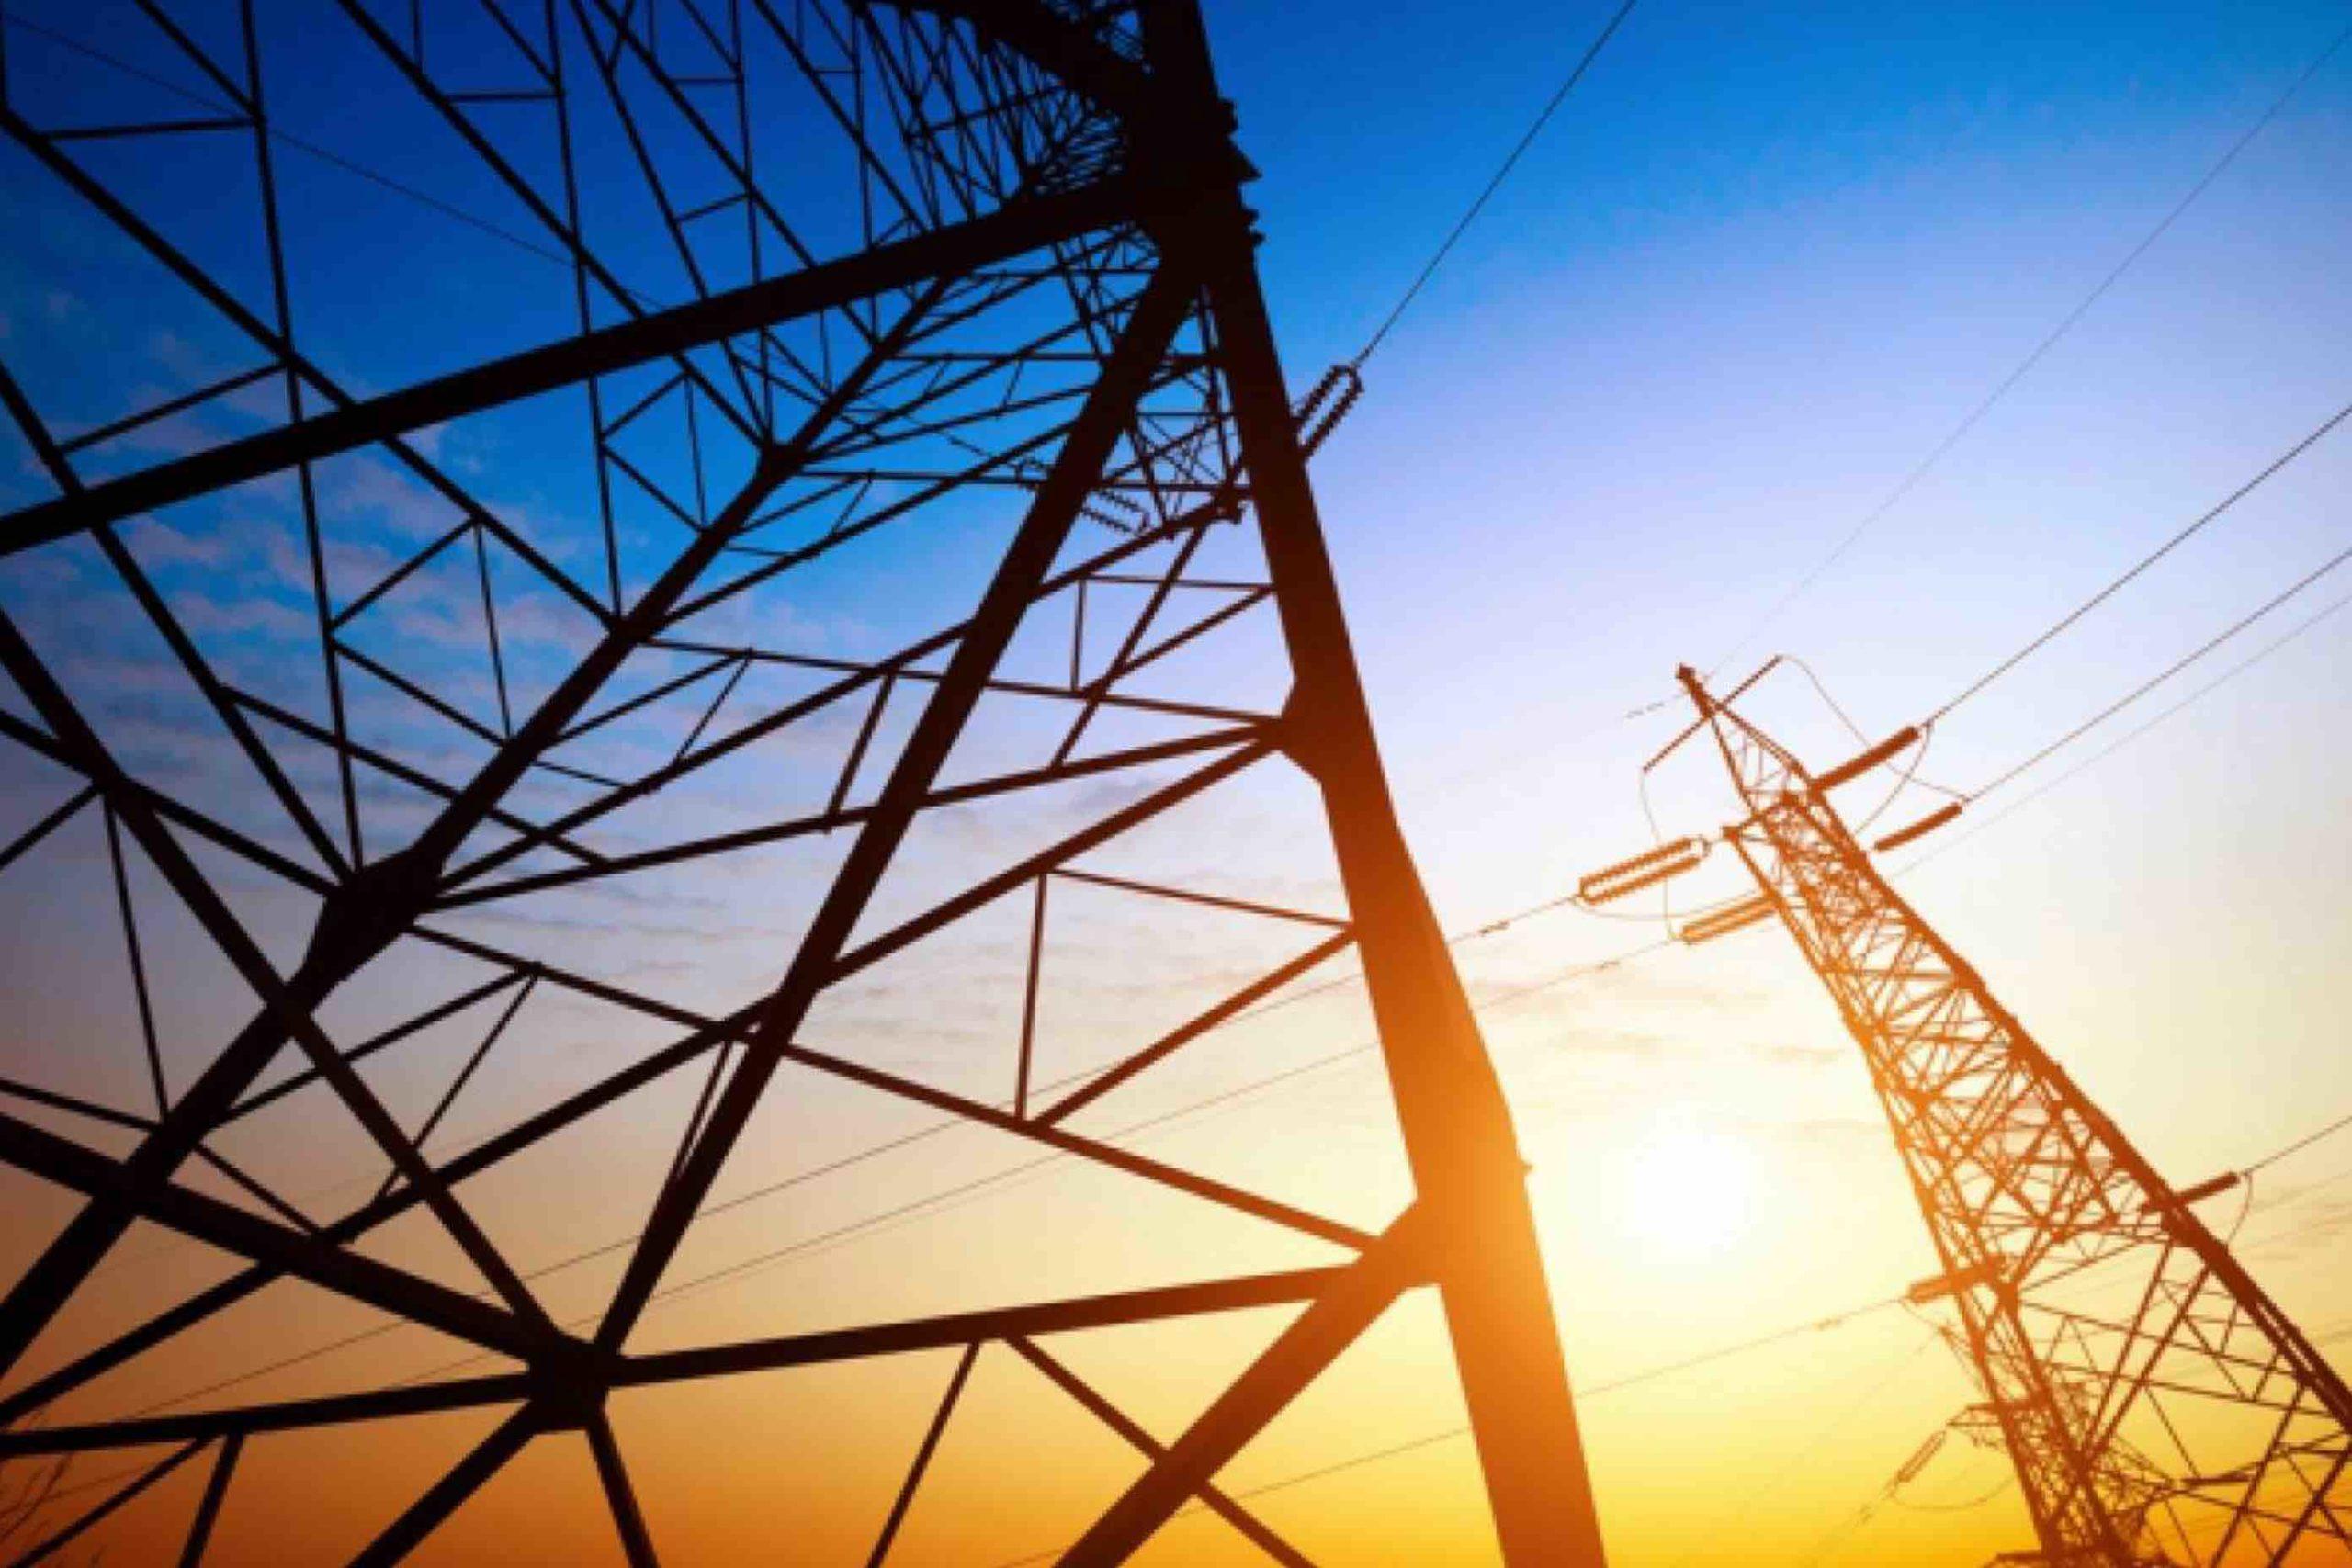 Электросетевое строительство. Организация и осуществление строительного контроля и внутреннего технического надзоров на объектах энергетики ( МЭС Юга 02.06-08.06)